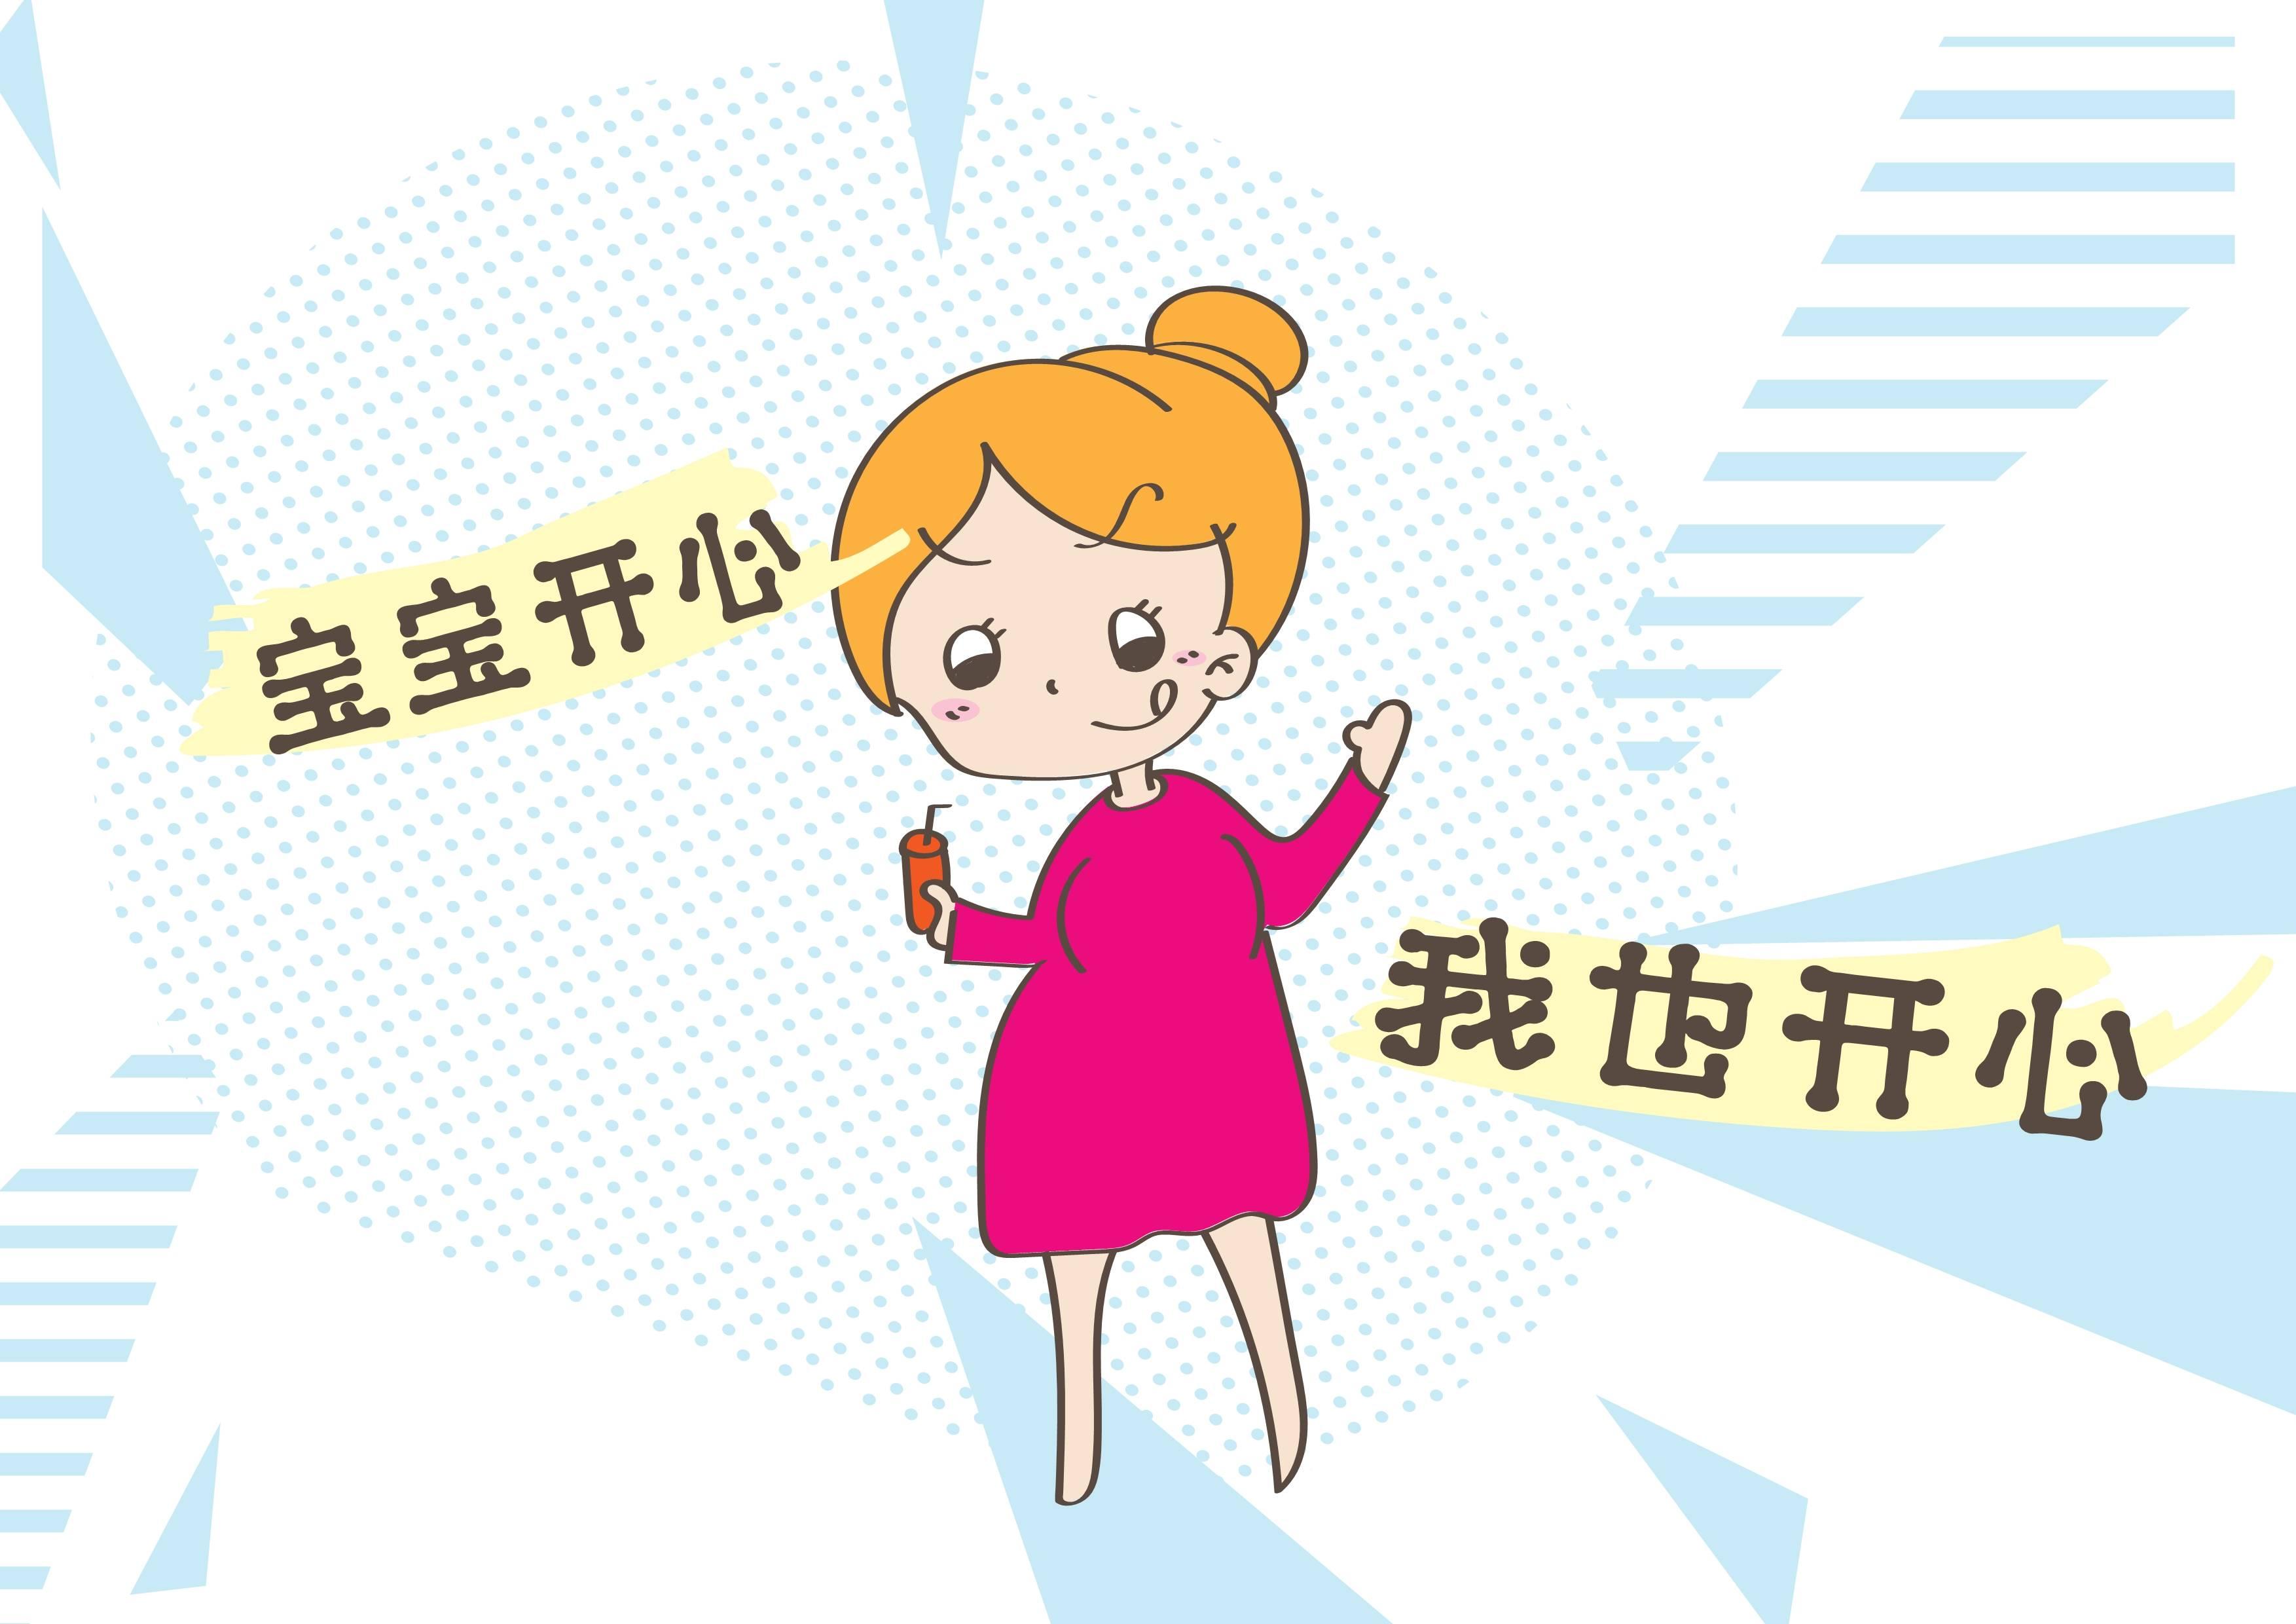 [胎儿]该哭还是该笑,听说孕吐是胎儿发育好的象征?事实却是这样